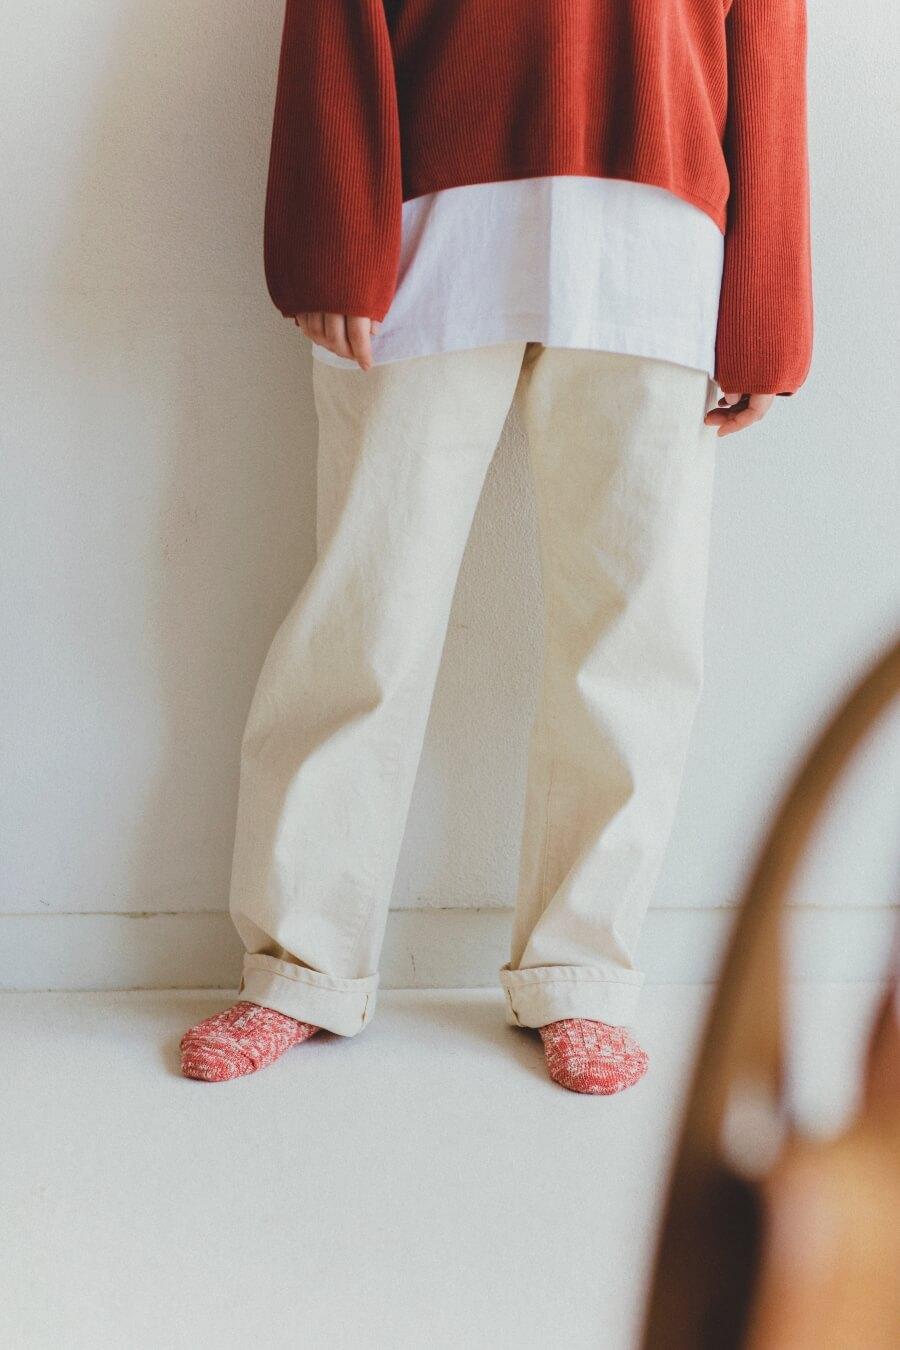 当たりつきギフト専用靴下のLUCKY SOCKS(ラッキーソックス)のMix Rib Socks(ミックスリブソックス)のブラッドオレンジ_image2